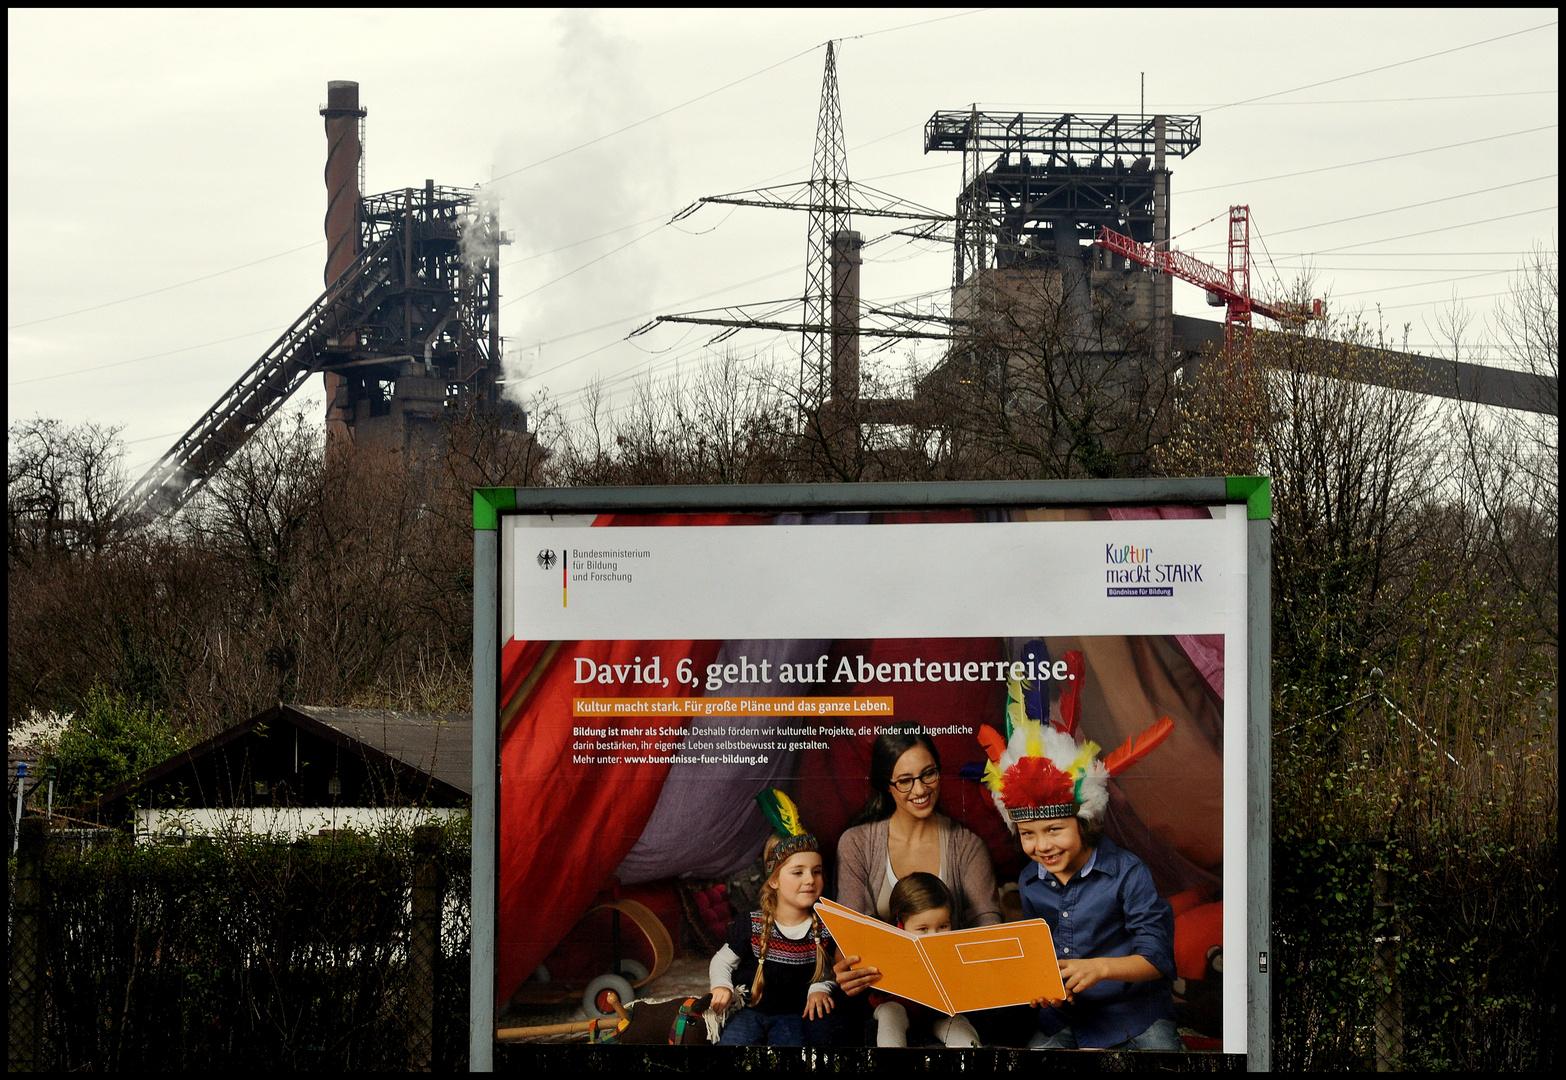 Abenteuerreise...im Kopf mit einem Buch oder per Fuß in Duisburg-Marxloh